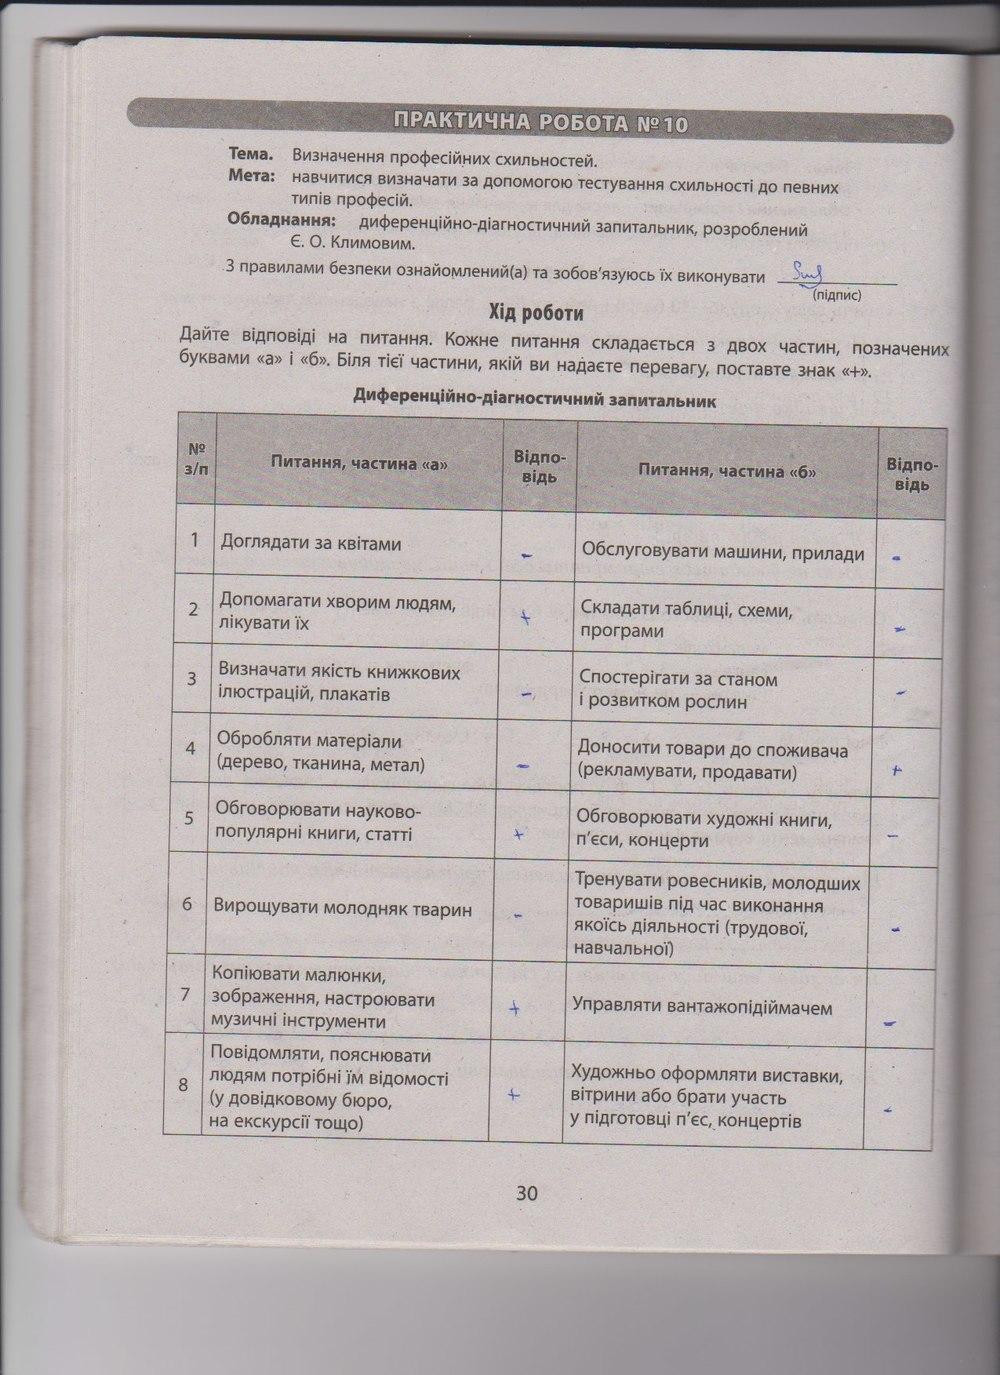 ГДЗ відповіді робочий зошит по биологии 9 класс. Задание: стр. 30